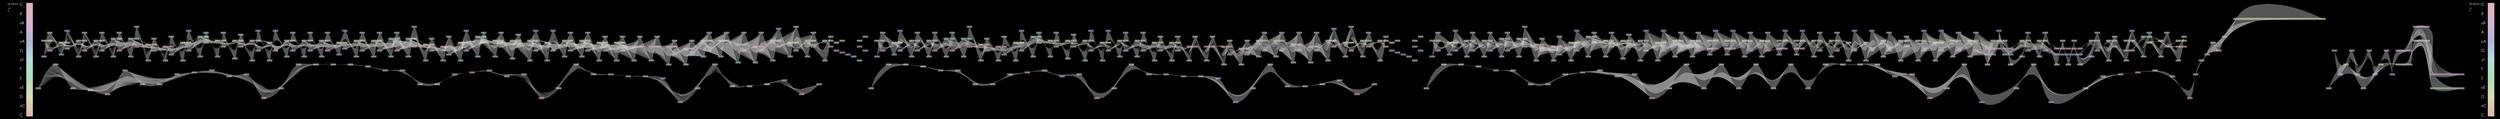 Chopin Nocturne Op. 9 No. 2 Left Hand Score Representation   Dec 10, 2017  Digital visualization